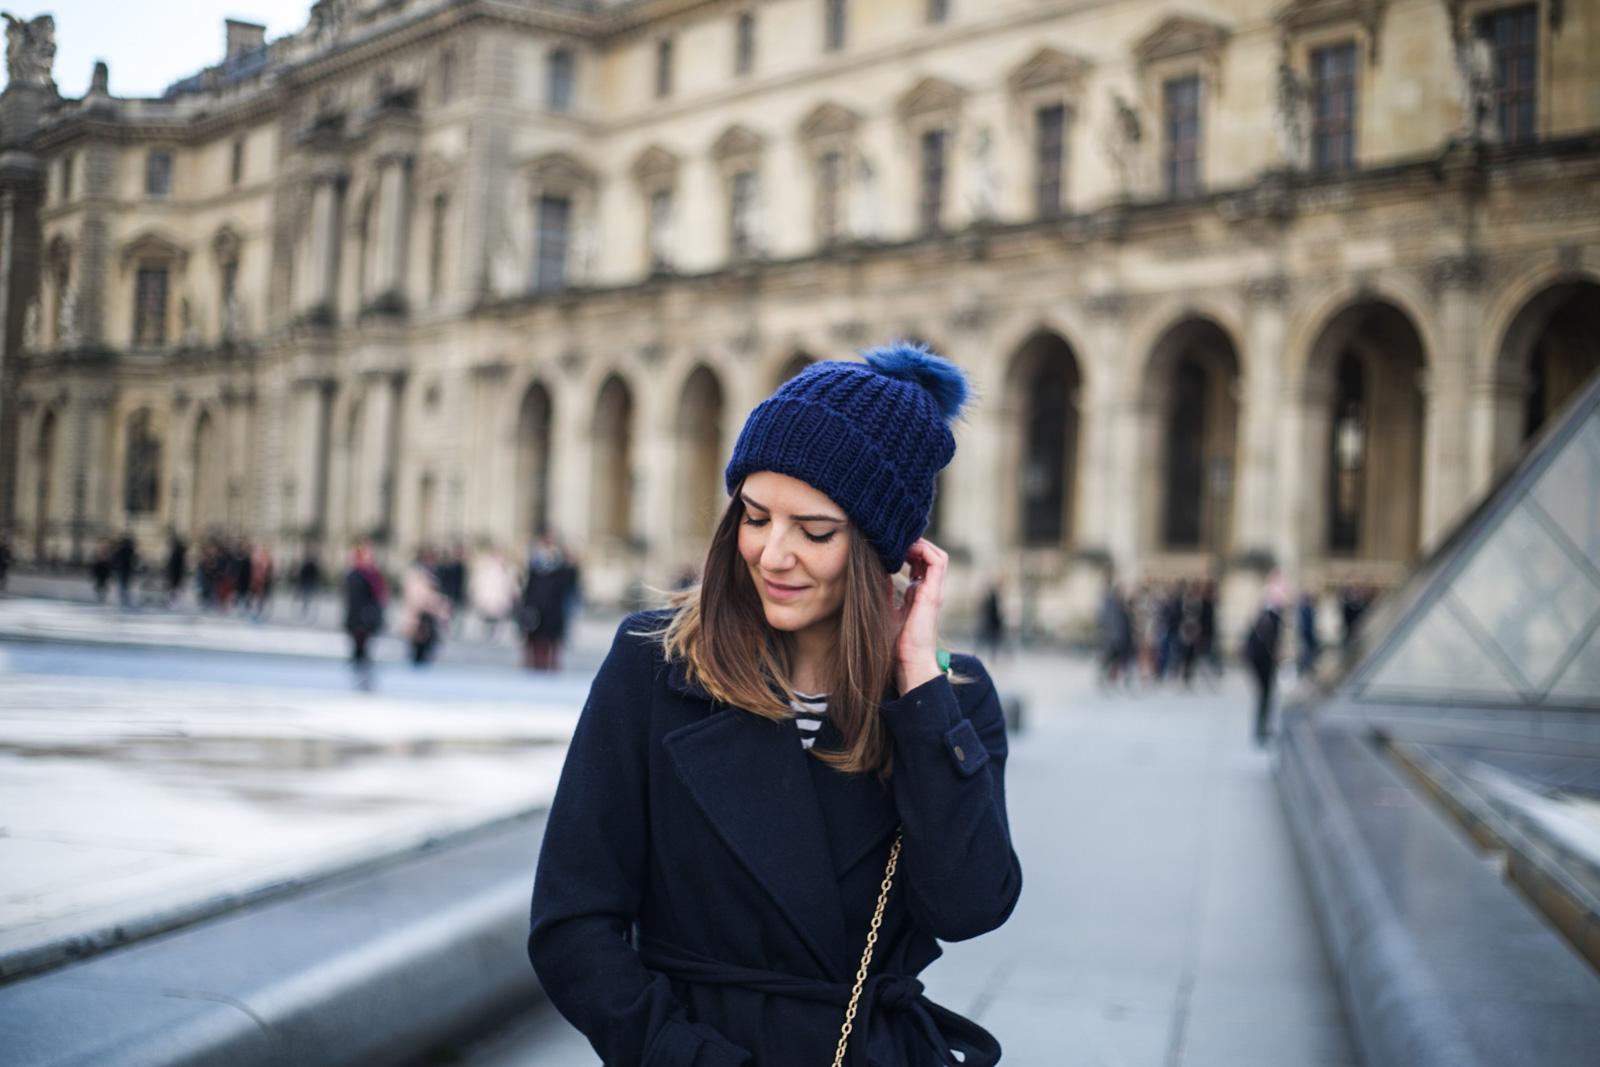 comment porter le bonnet a pompon blog mode et tendance les caprices d iris